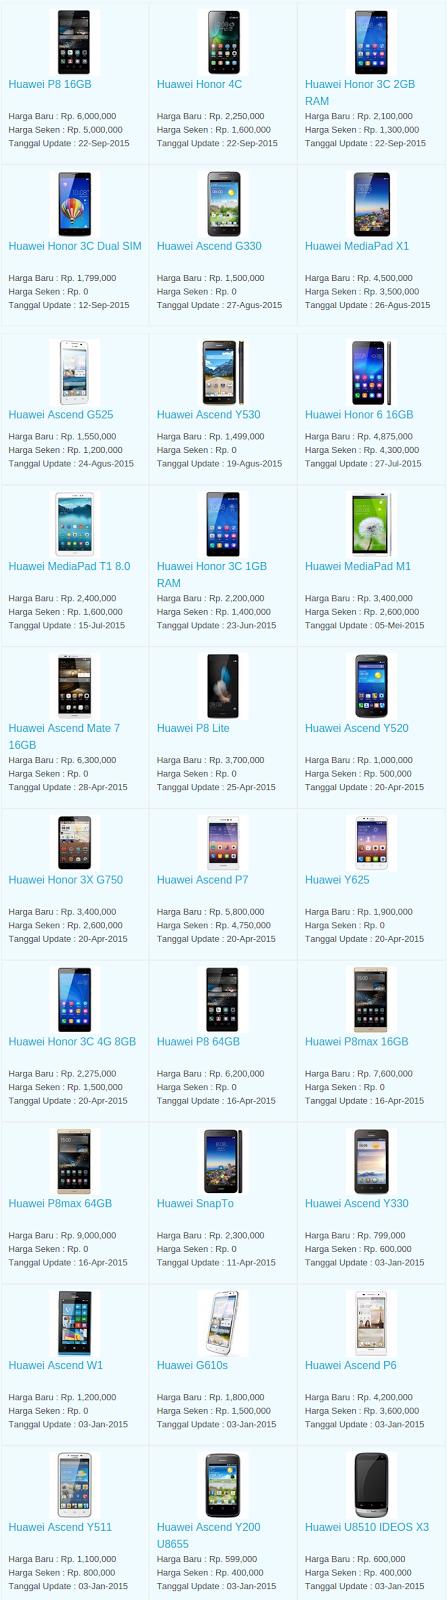 Daftar Terbaru Harga Hp Huawei Oktober 2015